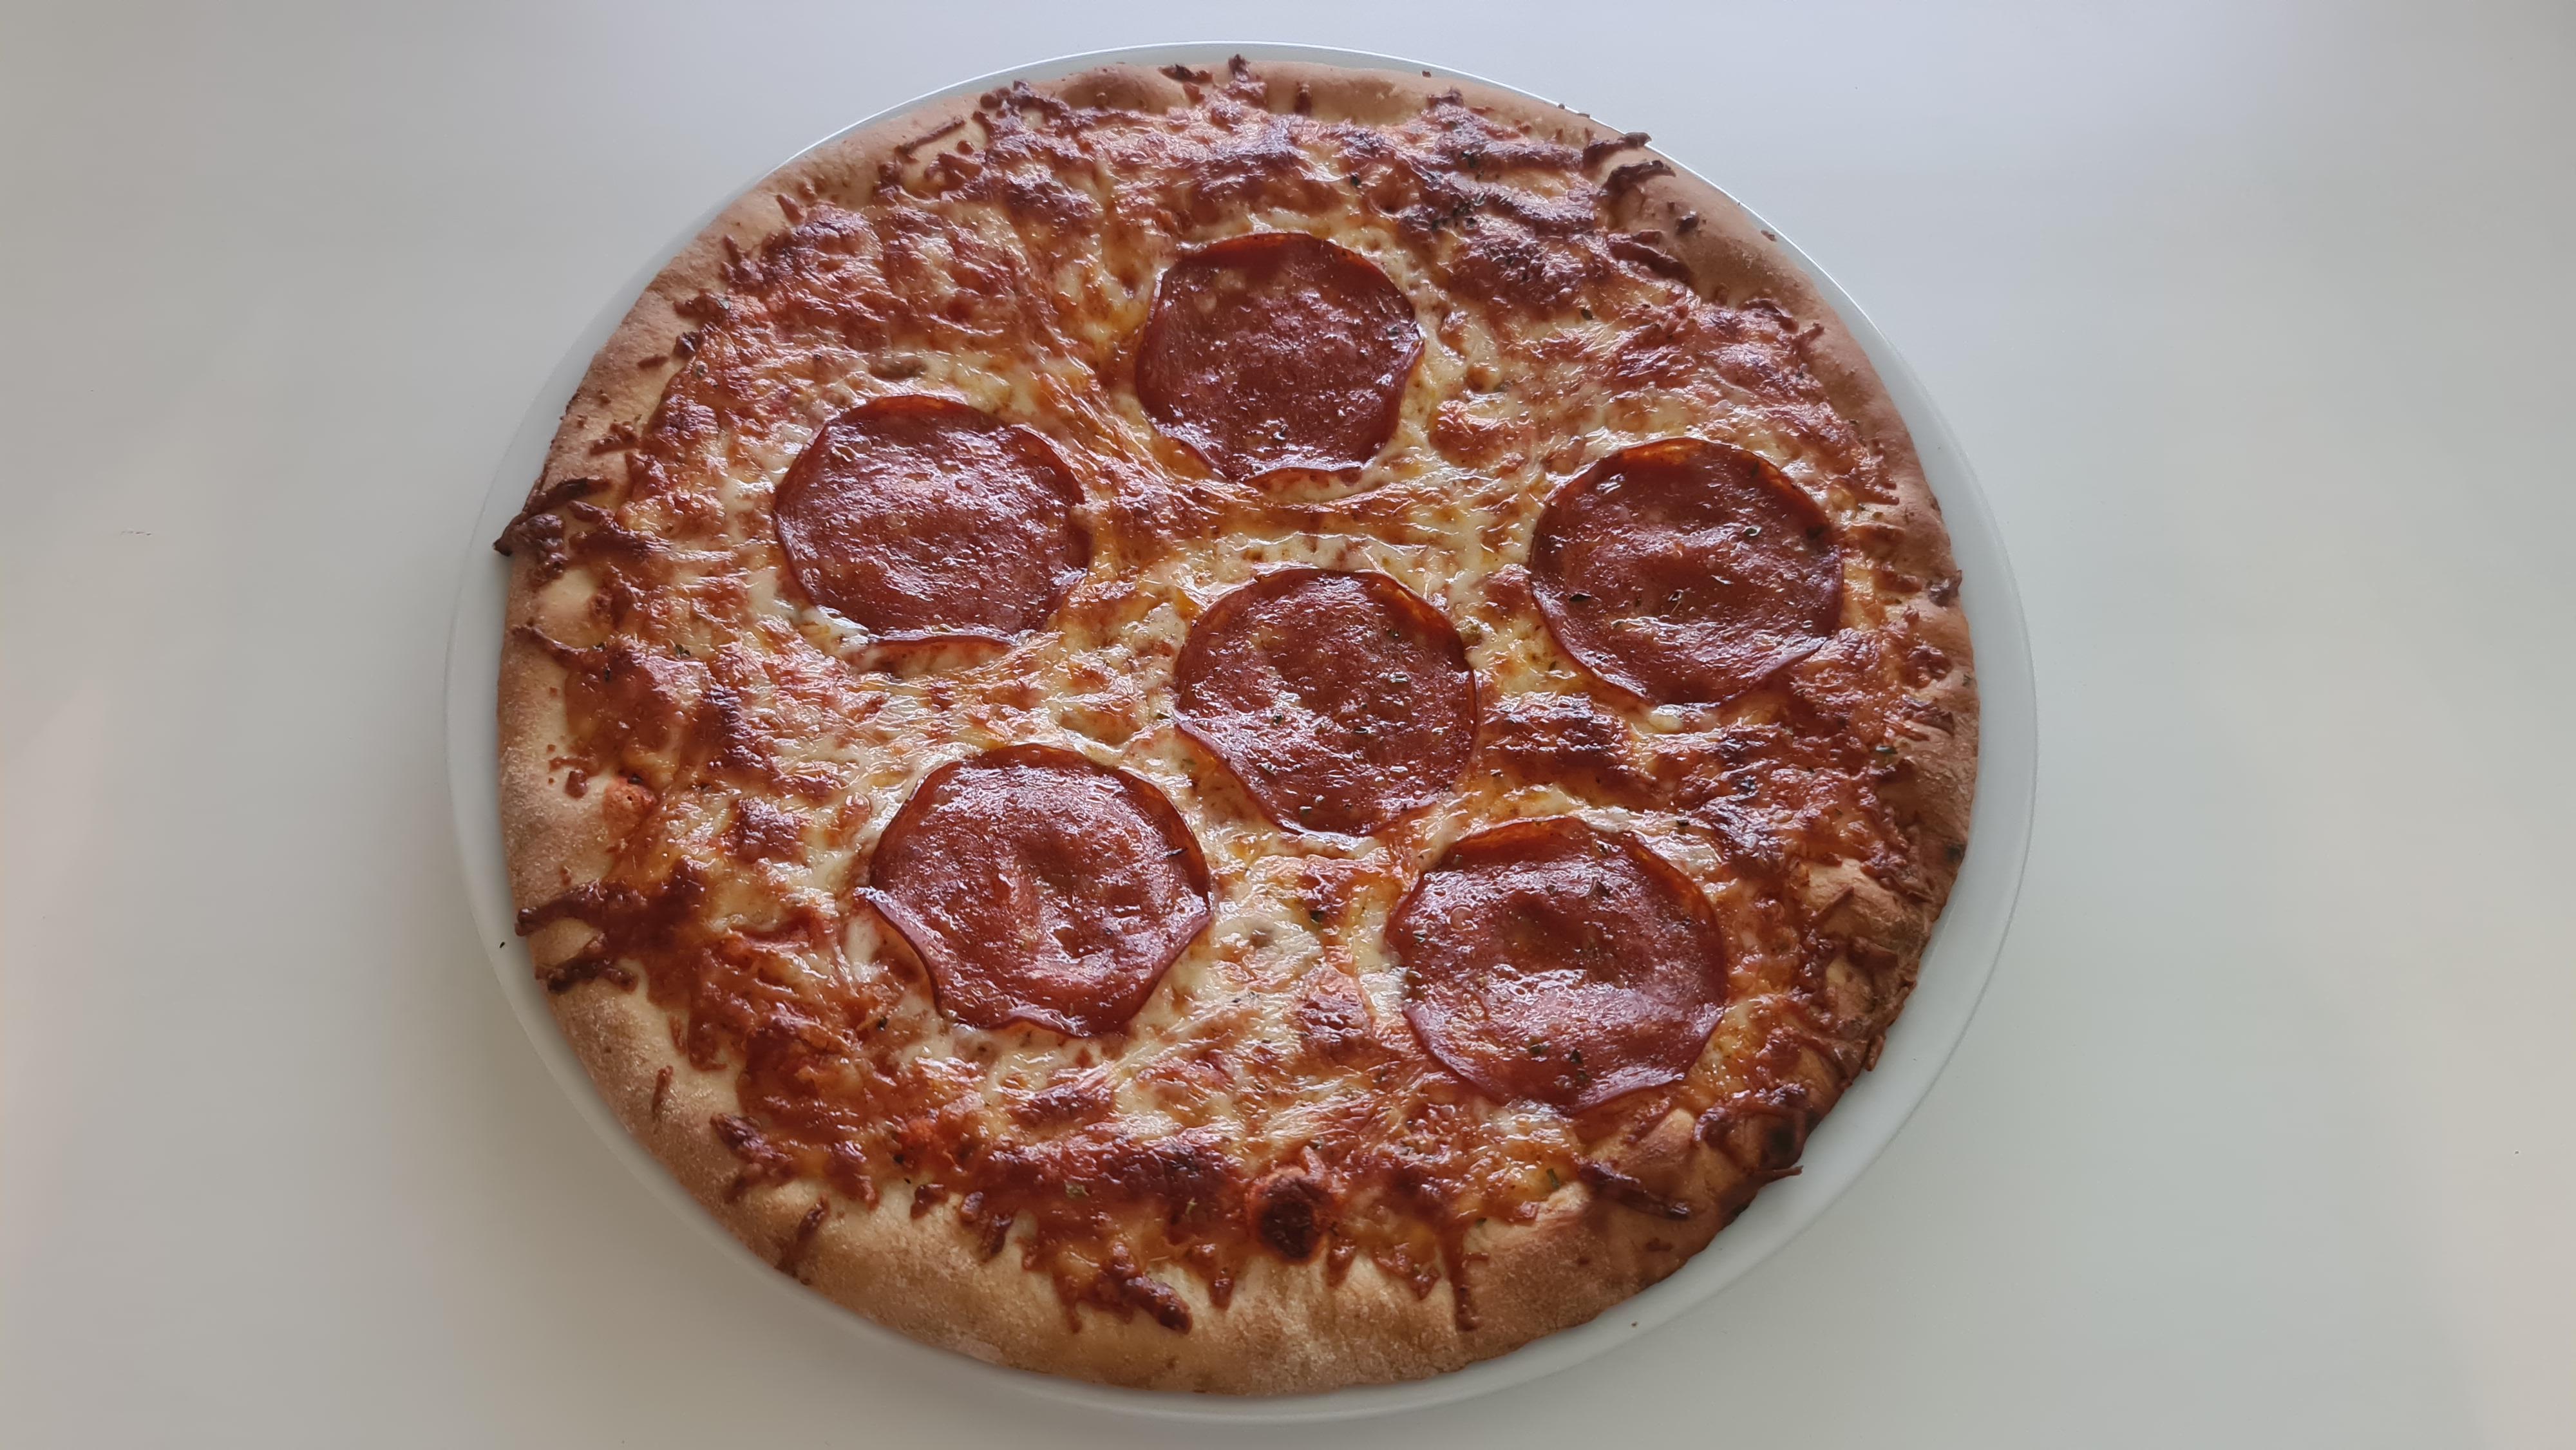 https://foodloader.net/Holz_2020-07-09_Pizza.jpg